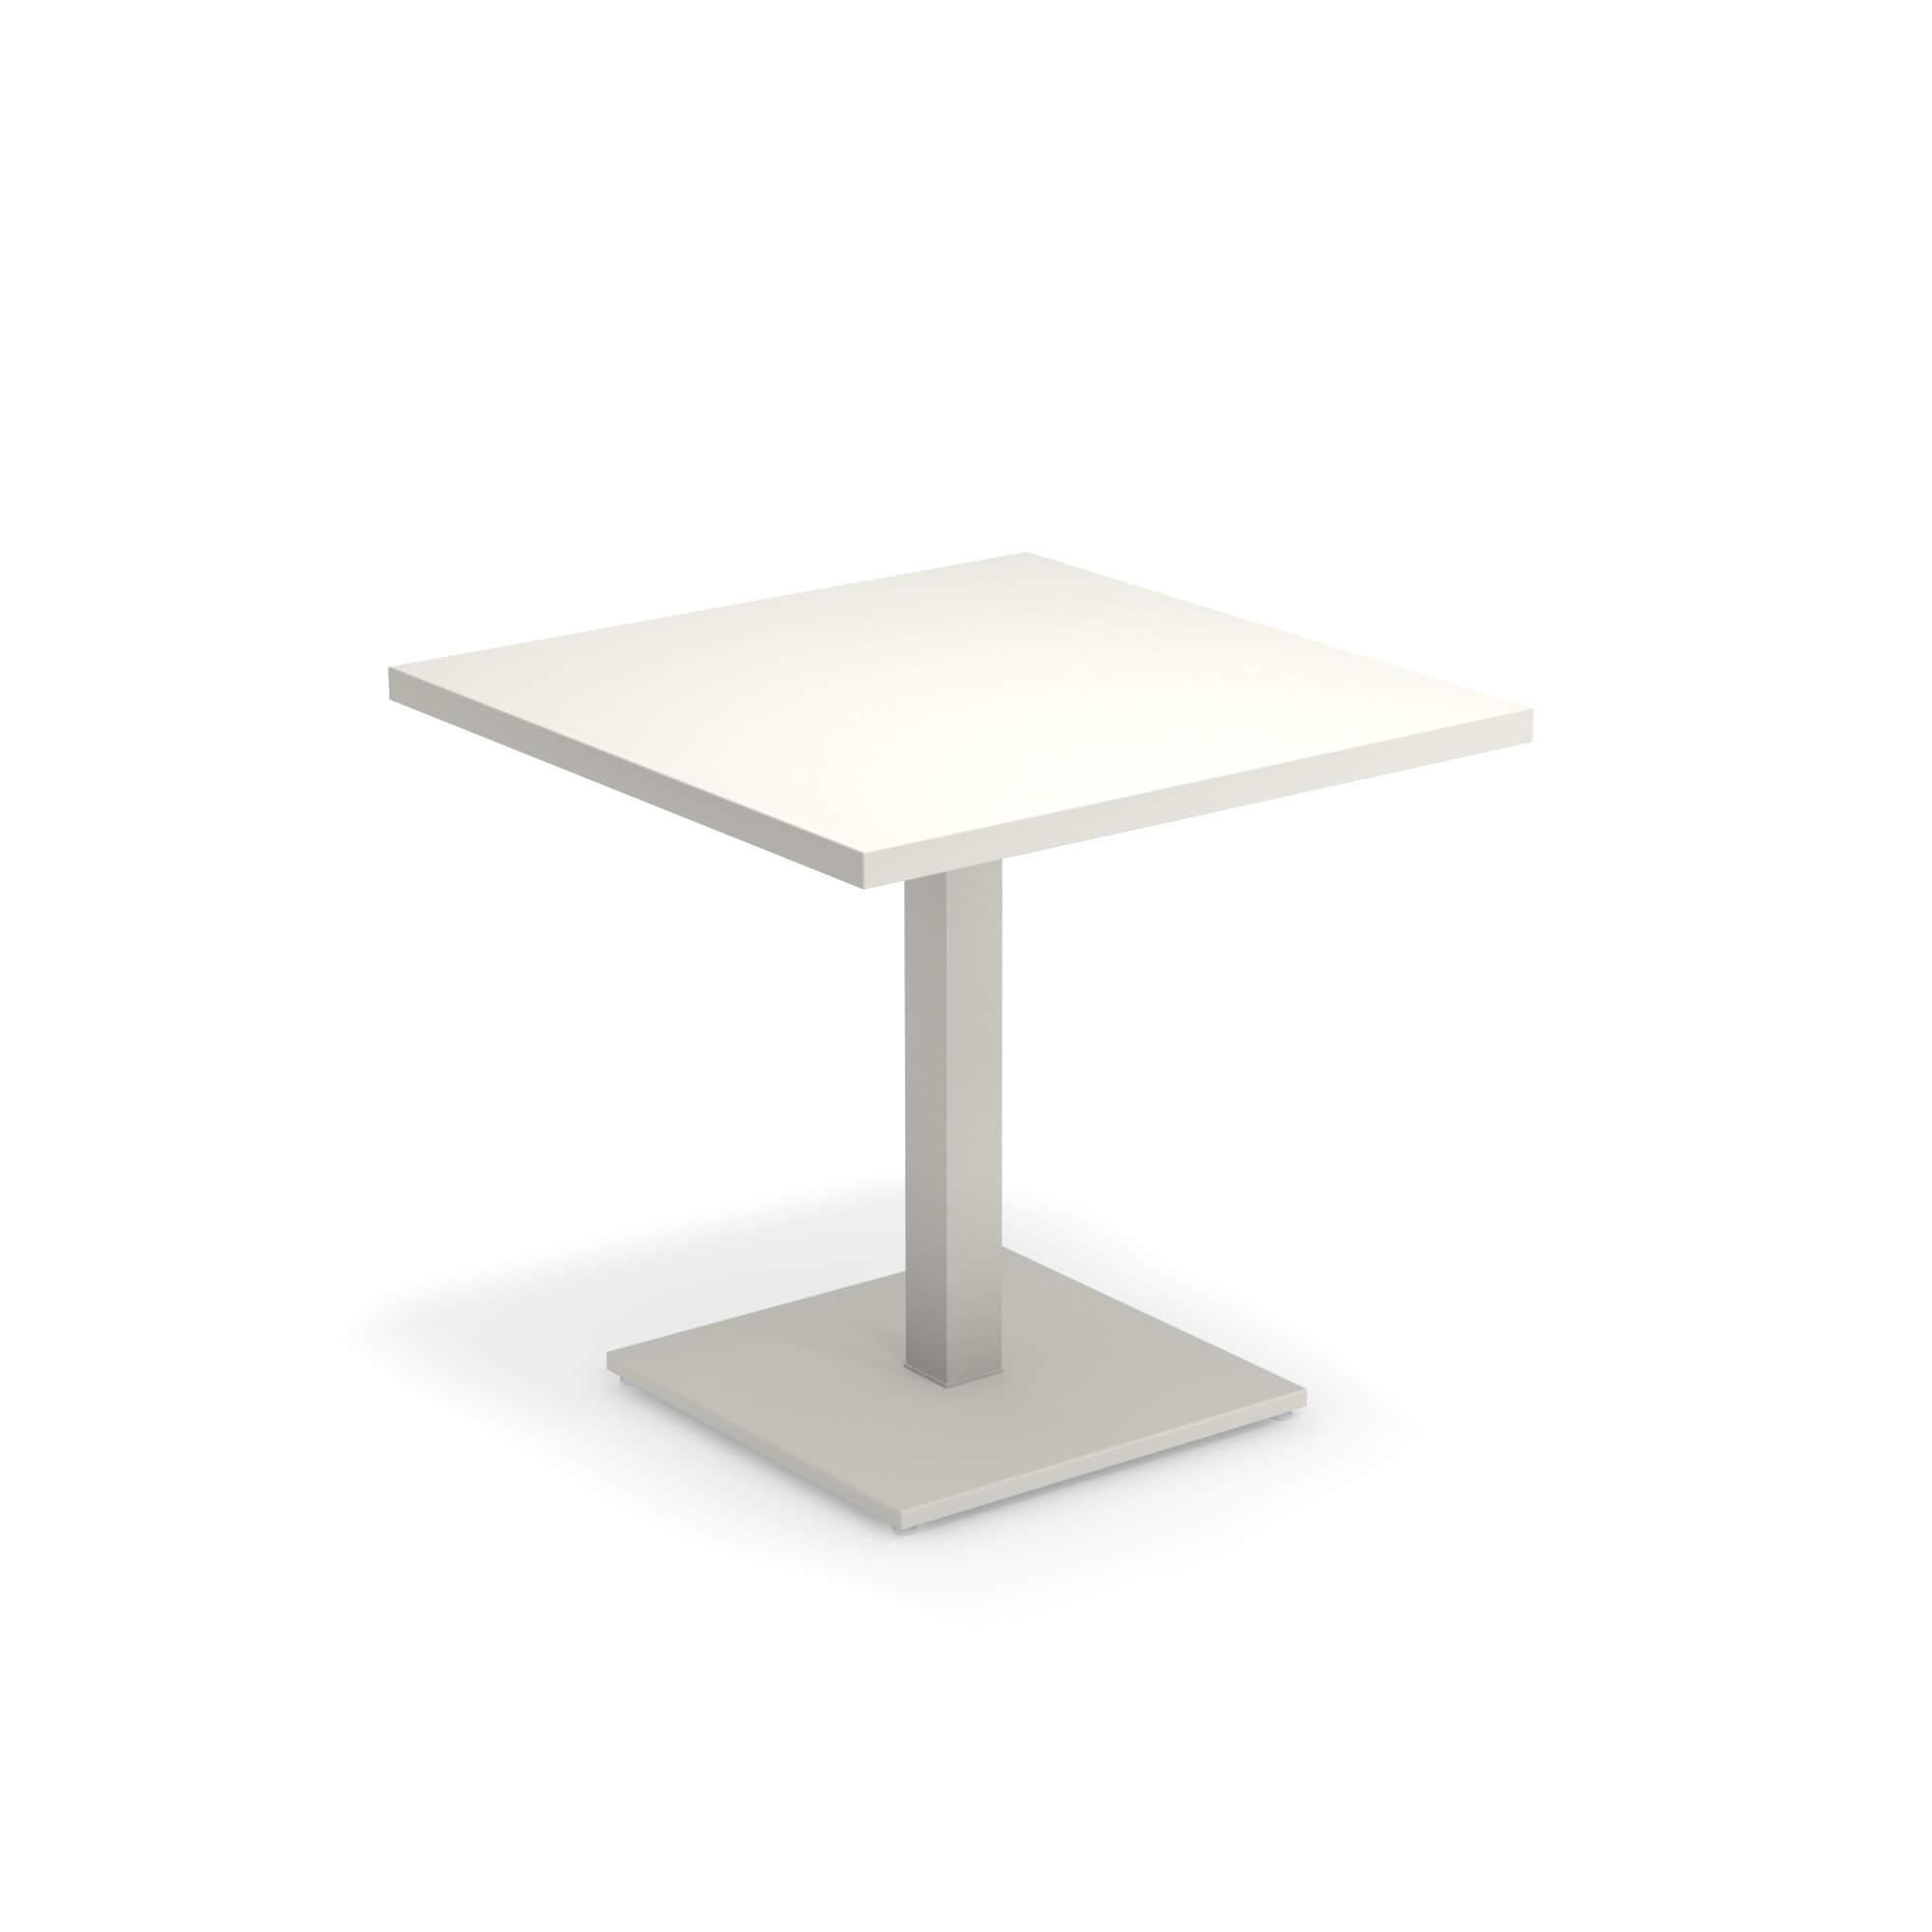 Round Tavolo Allungabile Emu.Tavolo Quadrato 80x80 Da Giardino Esterno In Acciaio